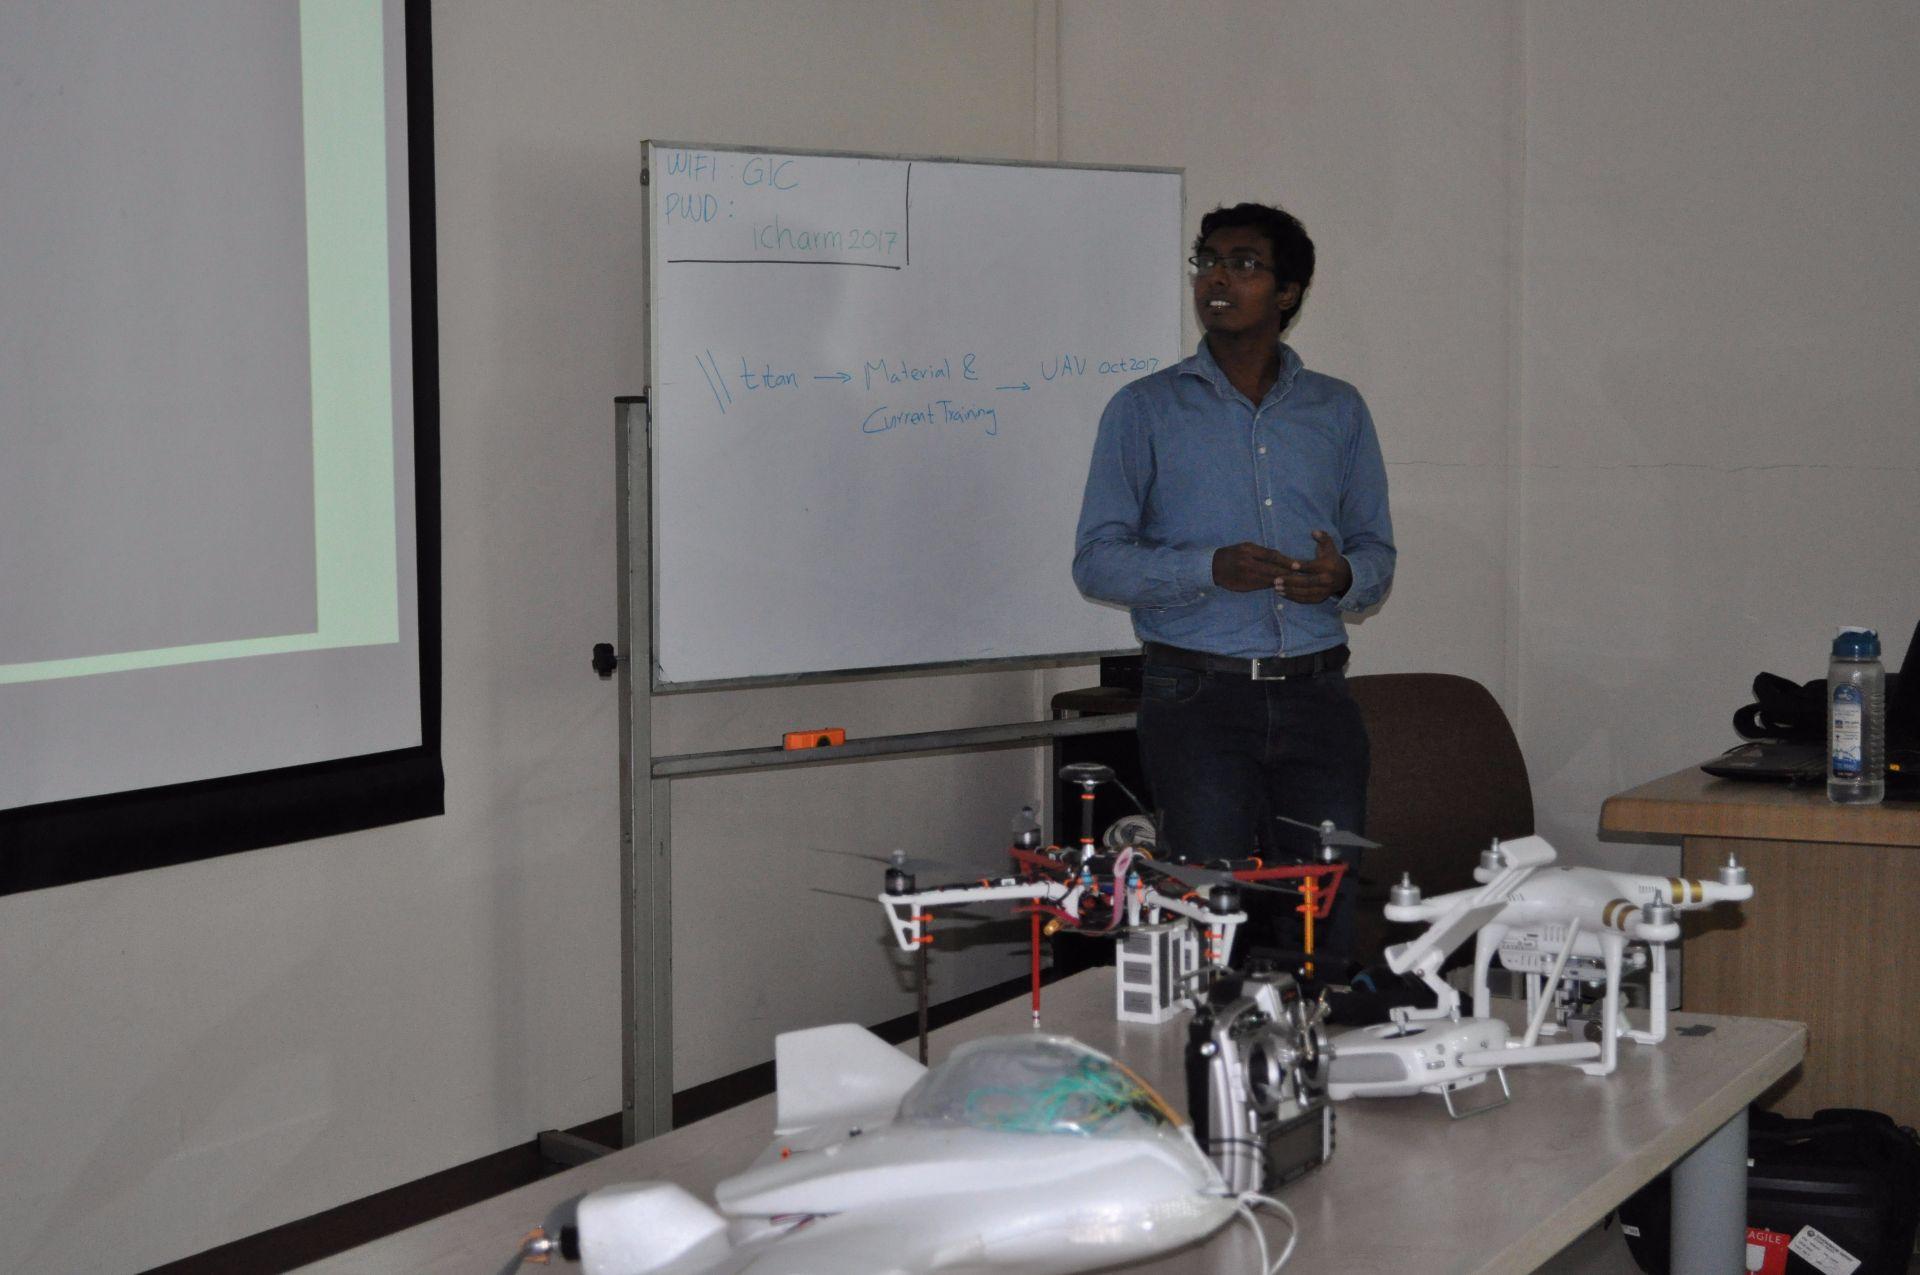 Drone Activities